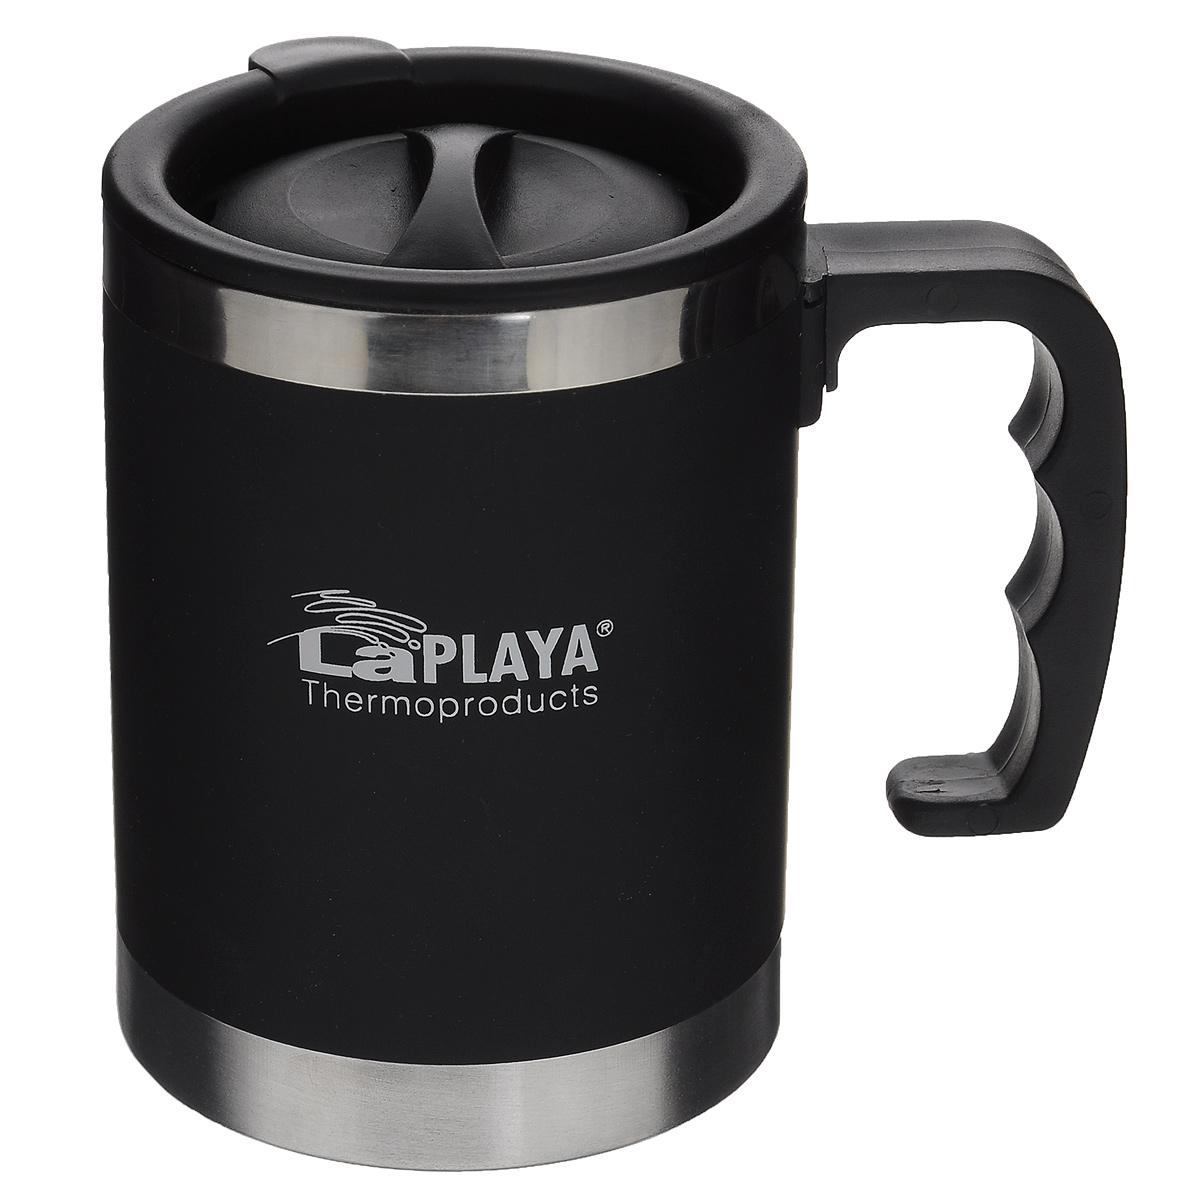 Термокружка LaPlaya TRM 3000, цвет: черный, 400 мл115510Термокружка LaPlaya TRM 3000 изготовлена из пластика и нержавеющей стали. Изделие оснащено крышкой с поворотным механизмом, позволяющим использовать кружку для питья, не снимая крышку. Кружка снабжена эргономичной ручкой. Двойные стенки сохраняют тепло в течение 1 часа, холод - 2-х часов. Термокружка подходит к большинству автомобильных держателей стаканов. Диаметр (по верхнему краю): 8 см. Высота (с учетом крышки): 11,5 см.